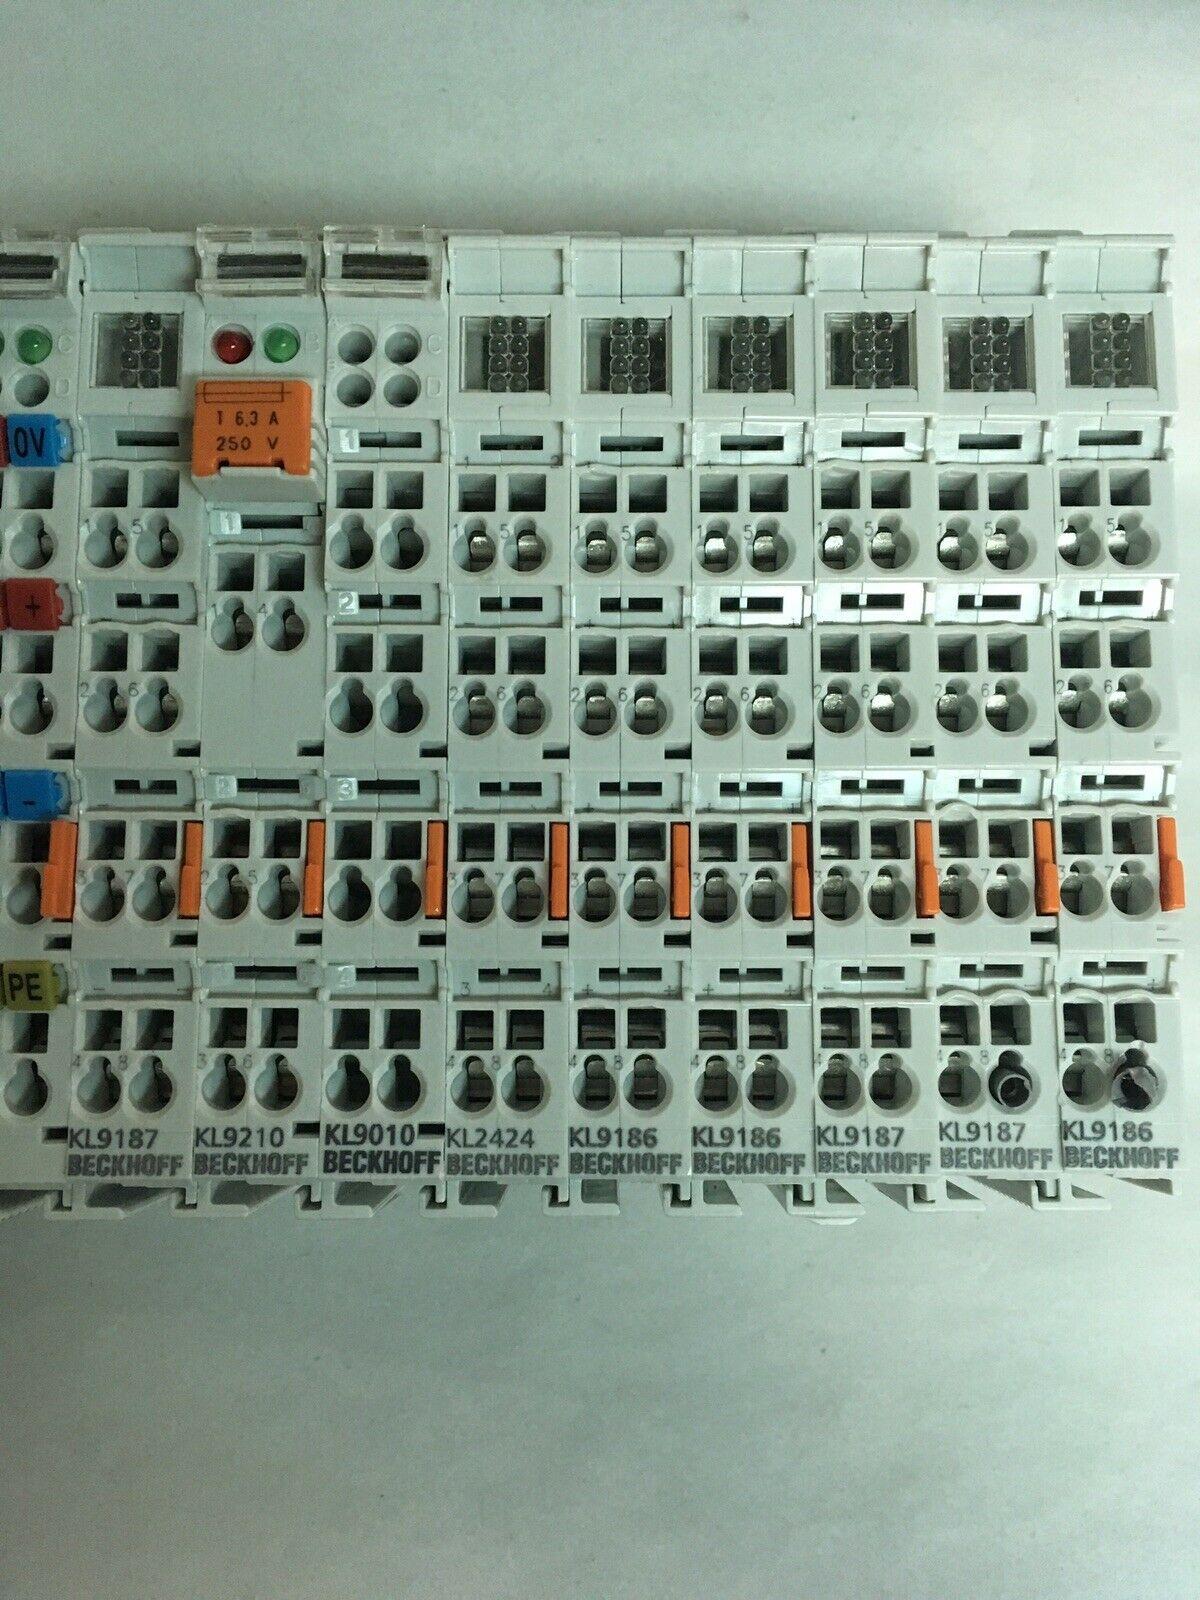 Beckhoff BK9000 PLC Terminal Module Rack - Image 2 of 2